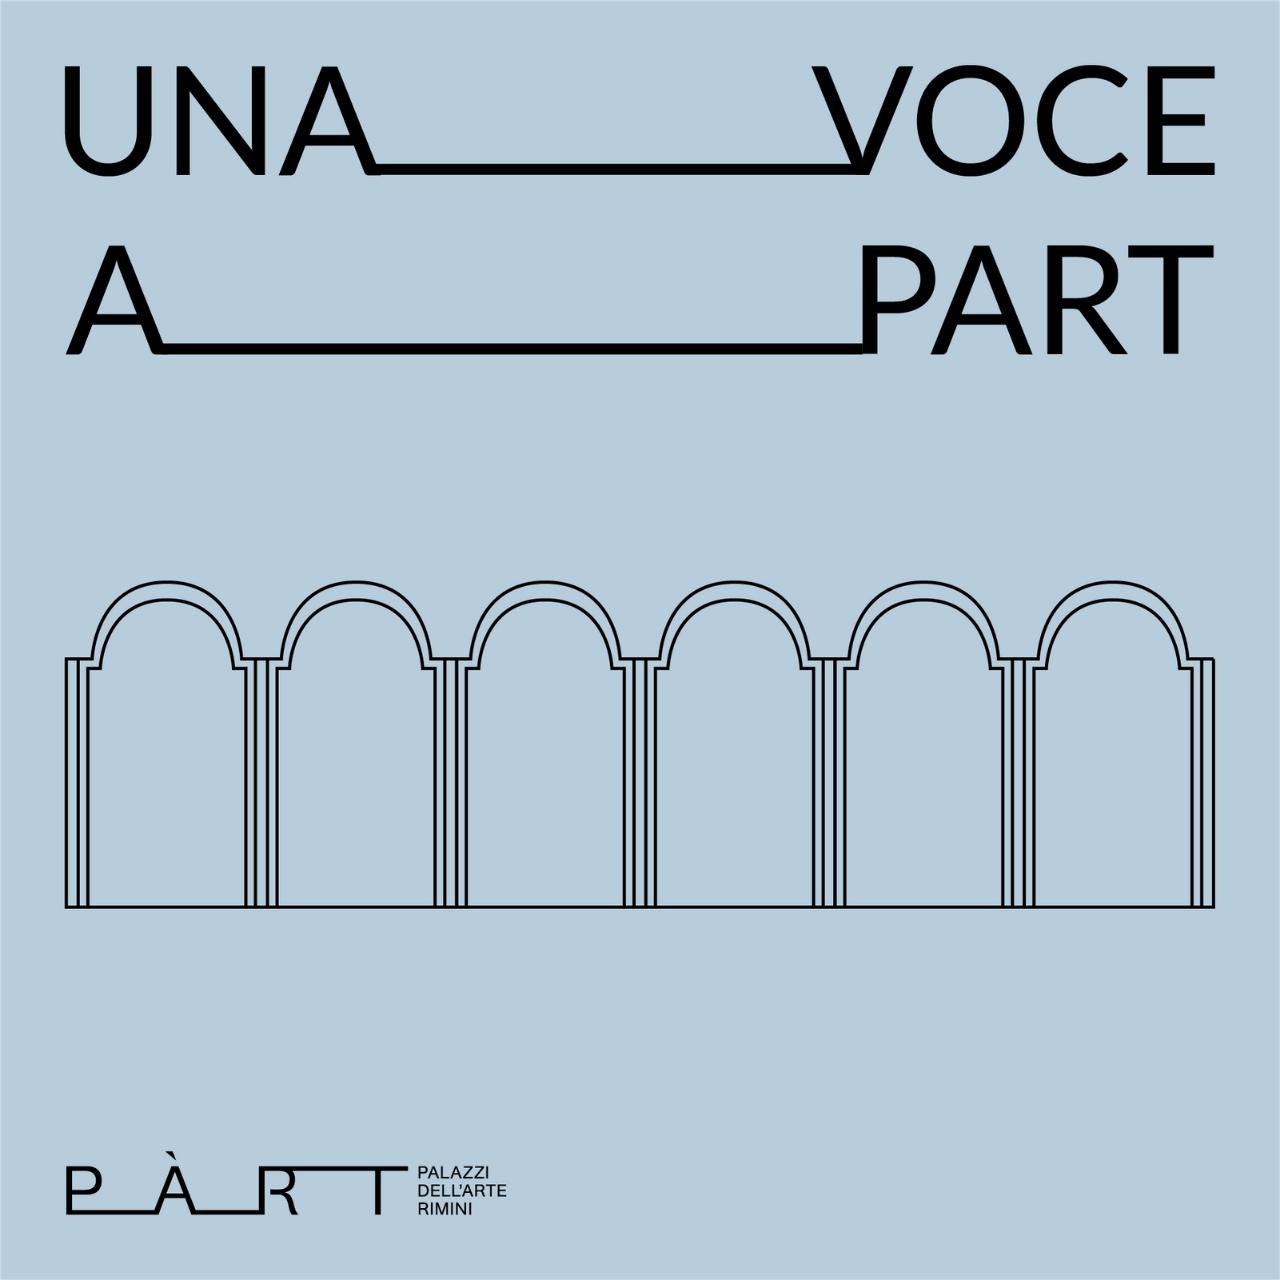 UNA VOCE A PART | PART Palazzi dell'Arte Rimini